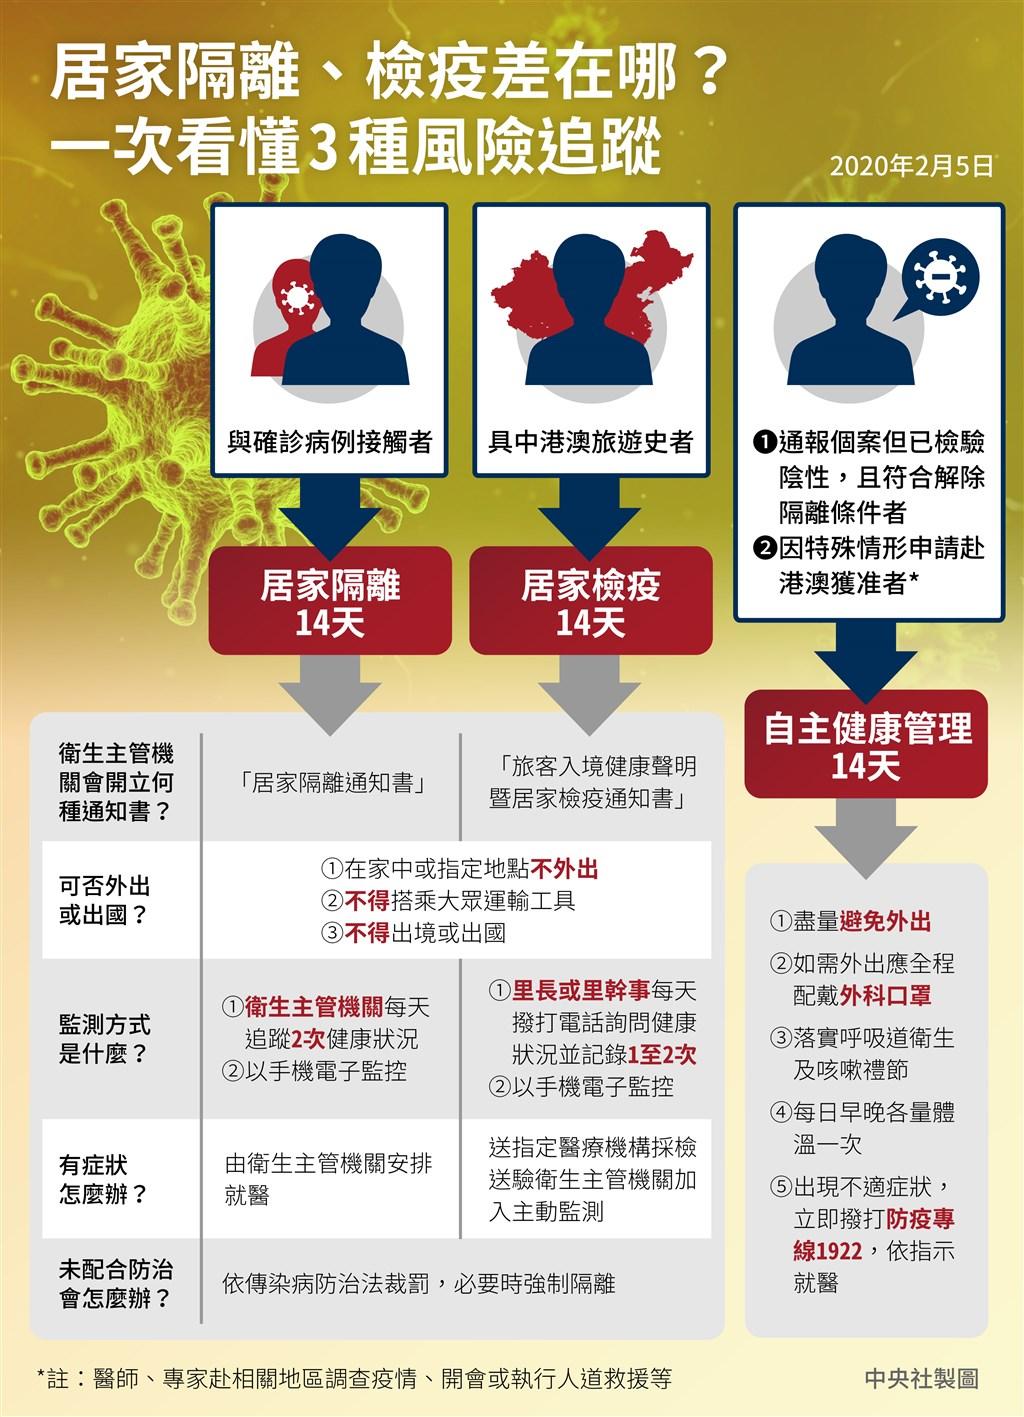 中國武漢肺炎疫情升溫,對於有被傳染疑慮者的處理方式分為居家隔離、居家檢疫及自主健康管理。(中央社製圖)